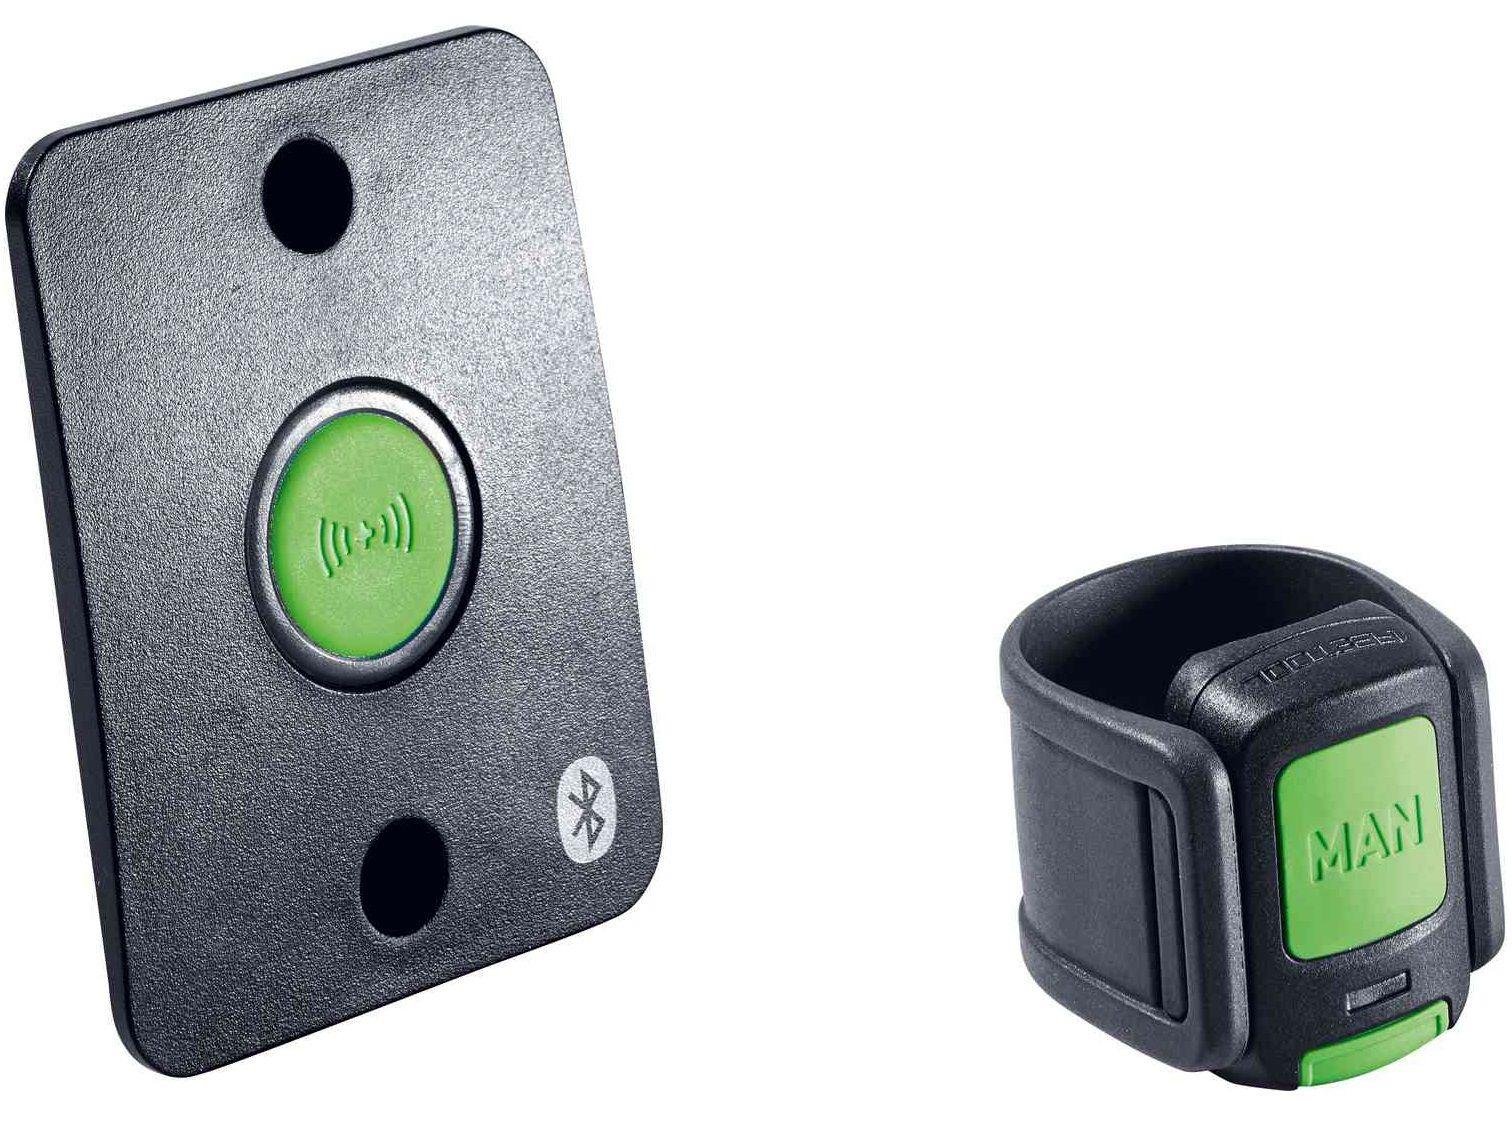 Dálkové ovládání pro vysavače Festool CT 26, CT 36, CT 48 (Festool CT-F I/M-Set), kód: 202097